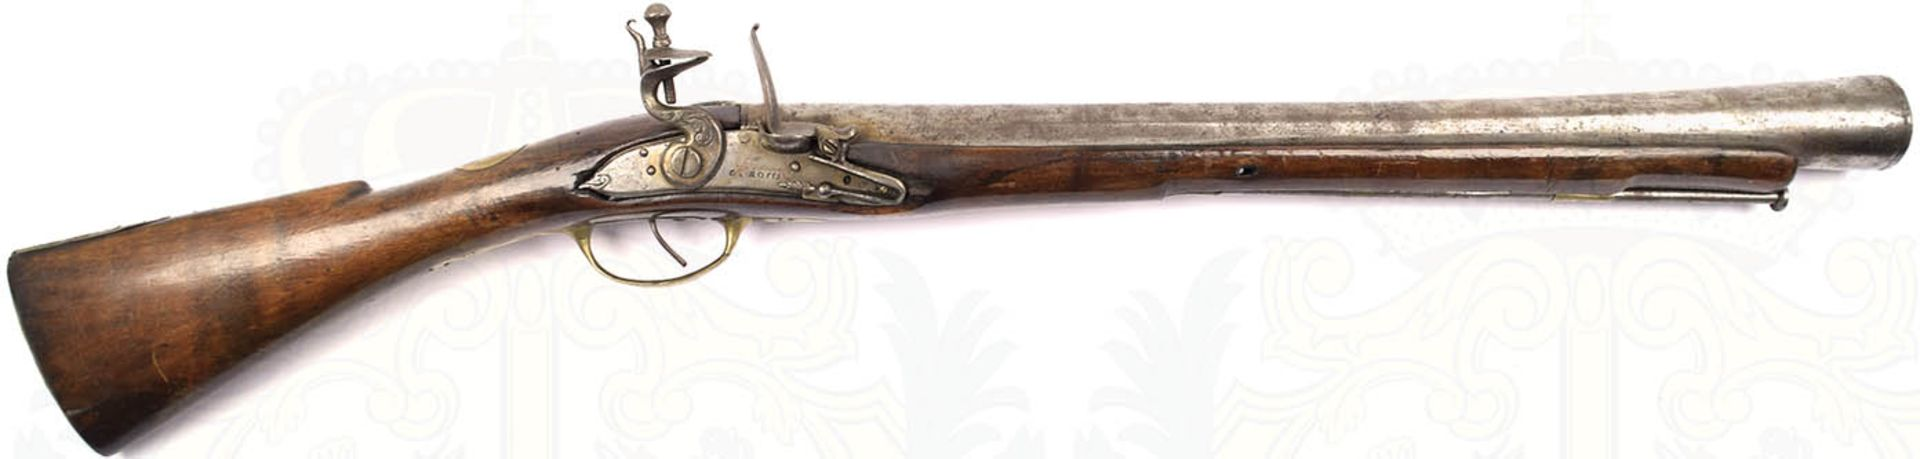 STEINSCHLOßTROMBLON, Italien, um 1800, glatter Lauf m. undeutlicher Punze u. kleinen Närbchen,